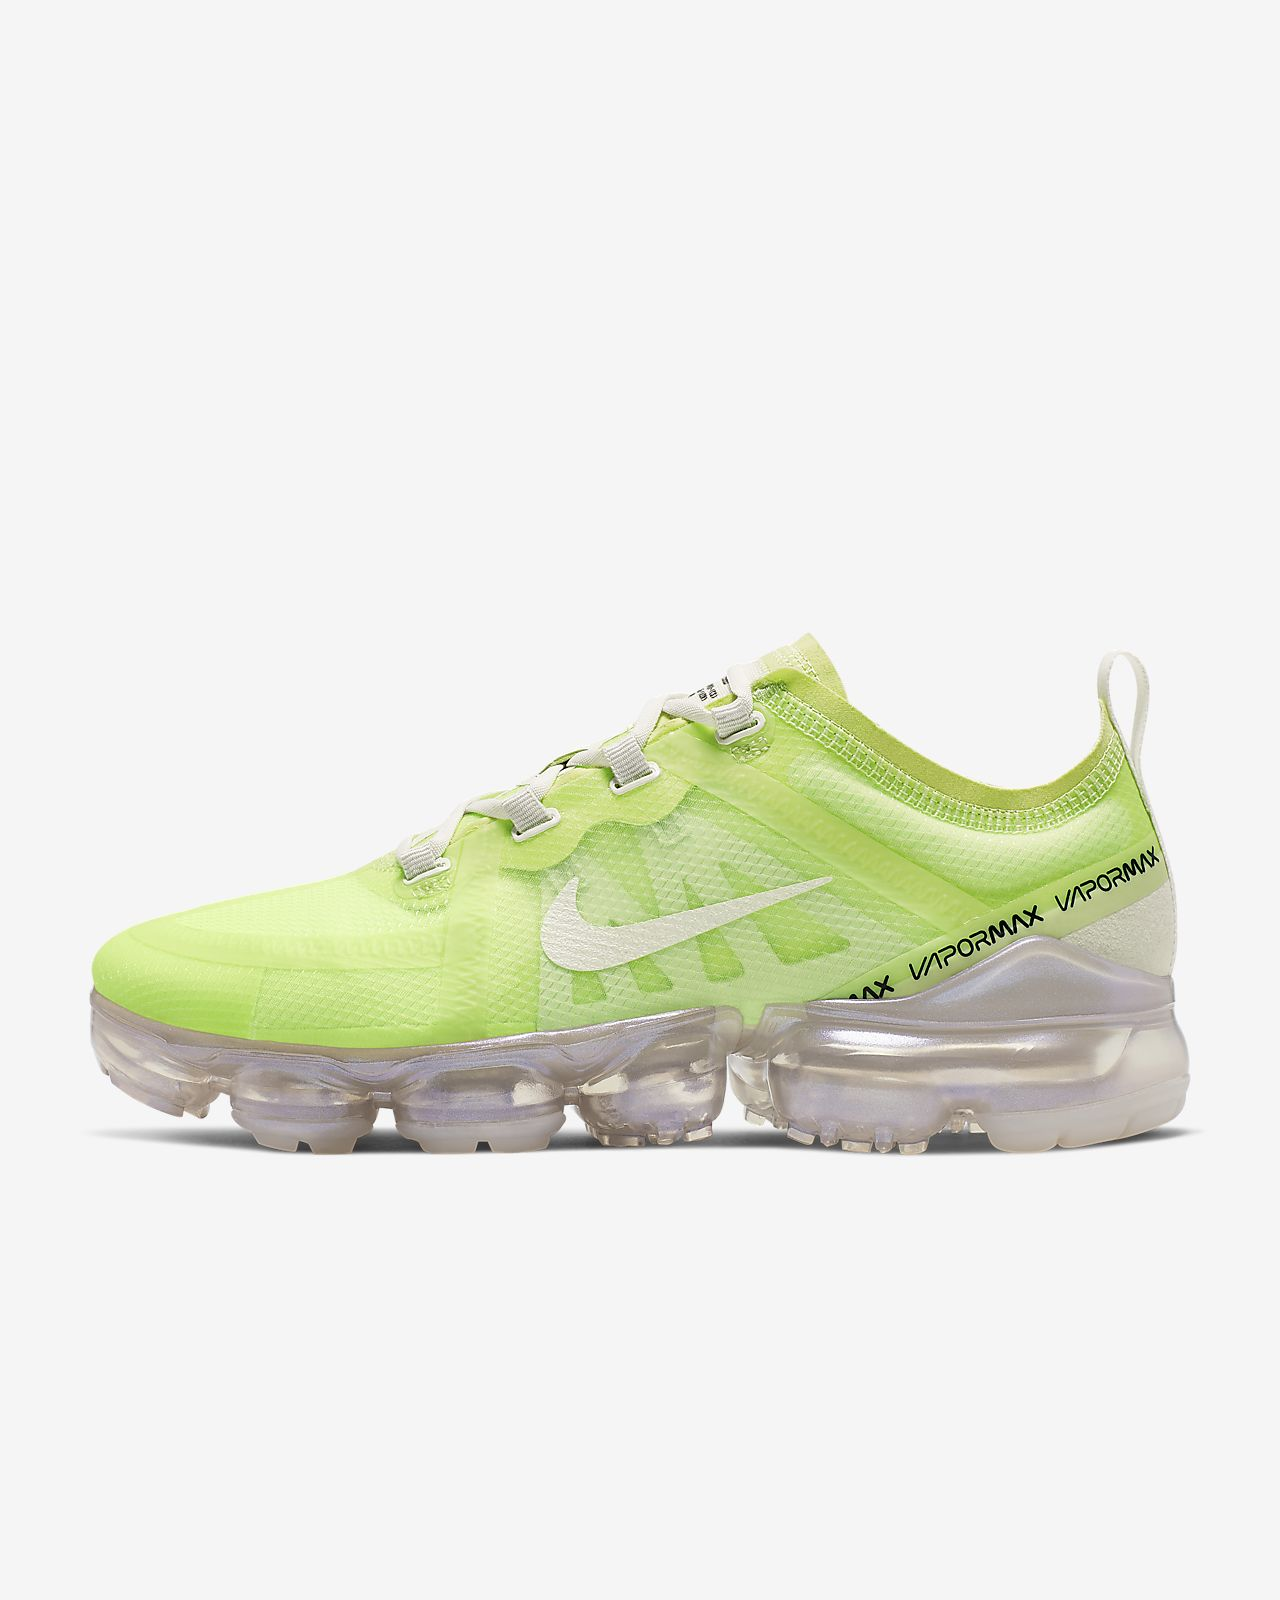 Sko Nike Air VaporMax SE för kvinnor